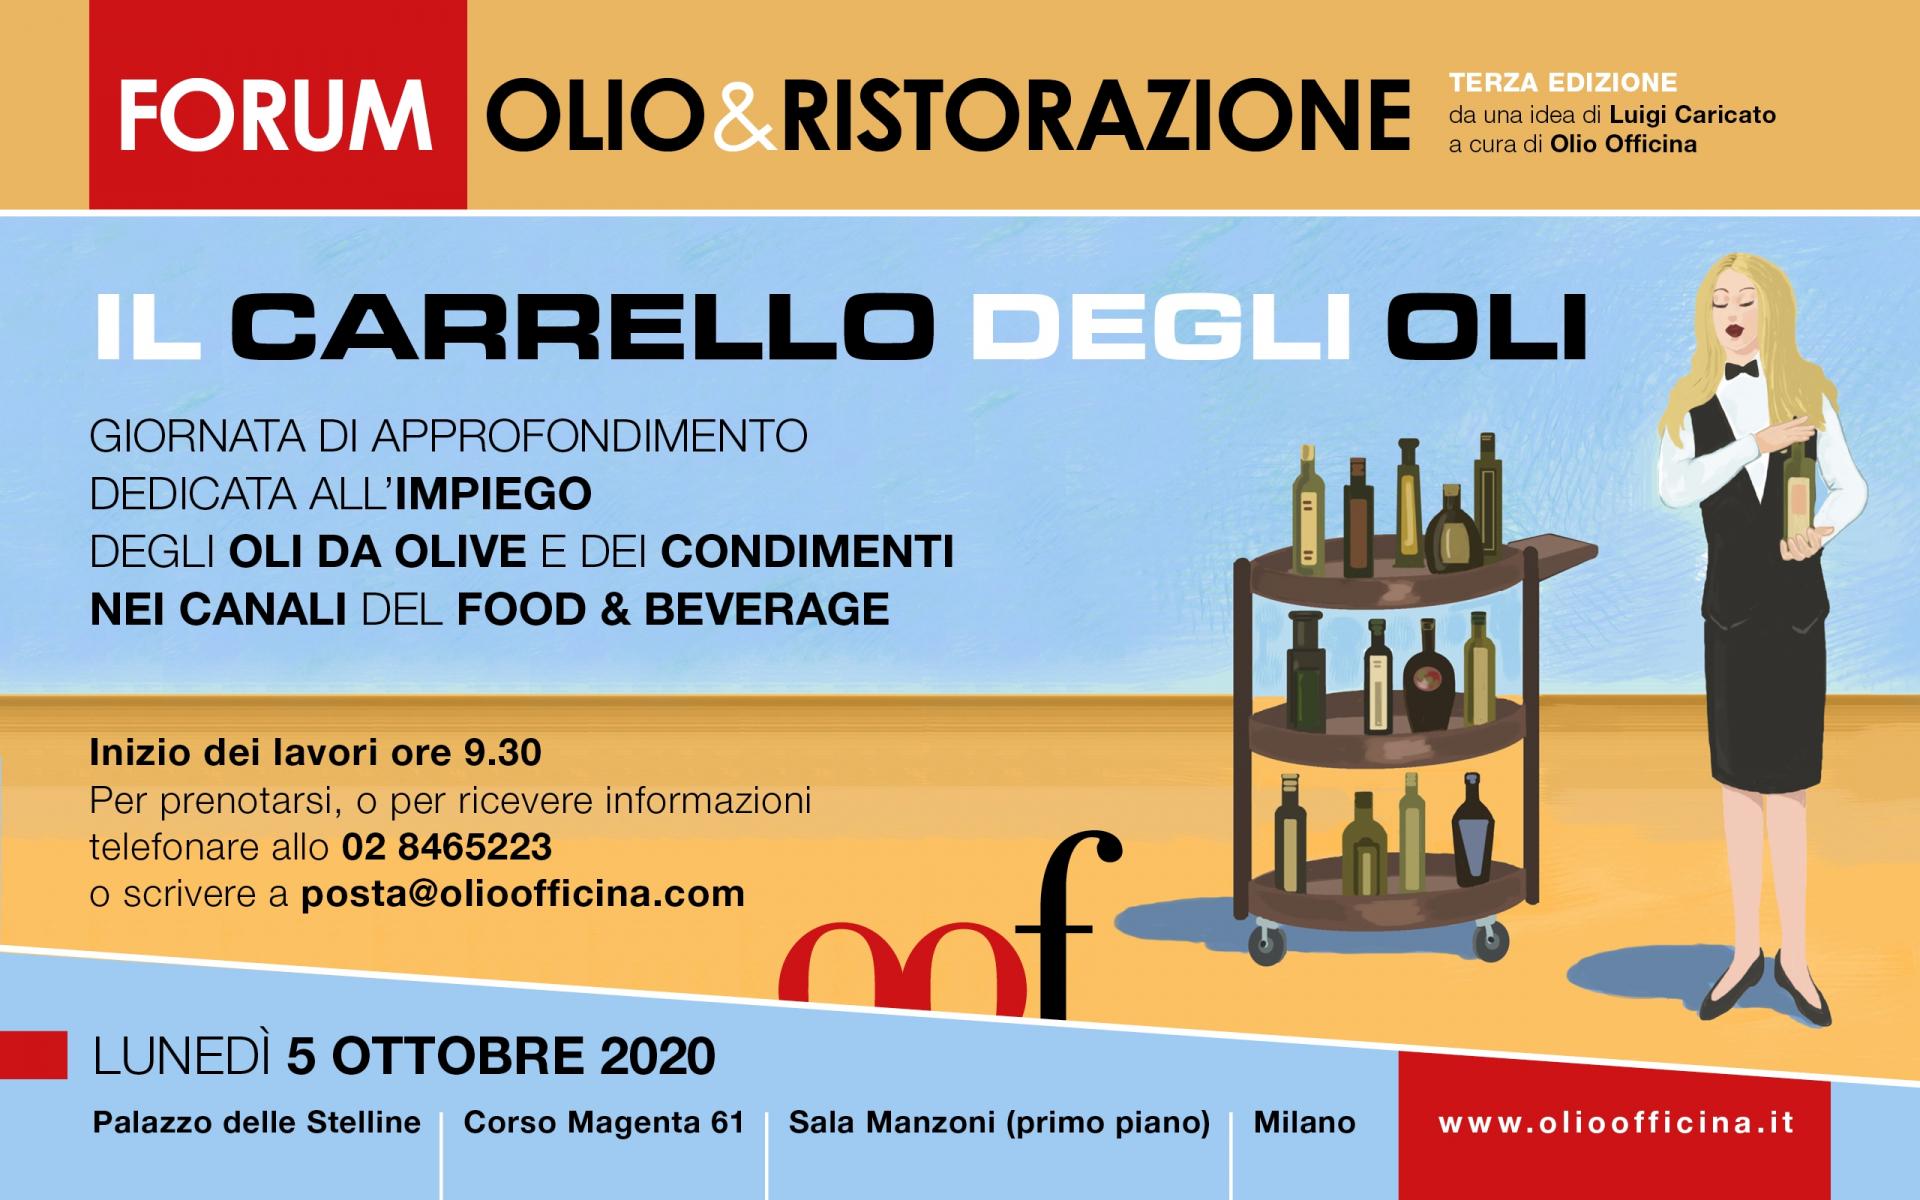 Prenotate il vostro posto per la terza edizione del Forum Olio & Ristorazione